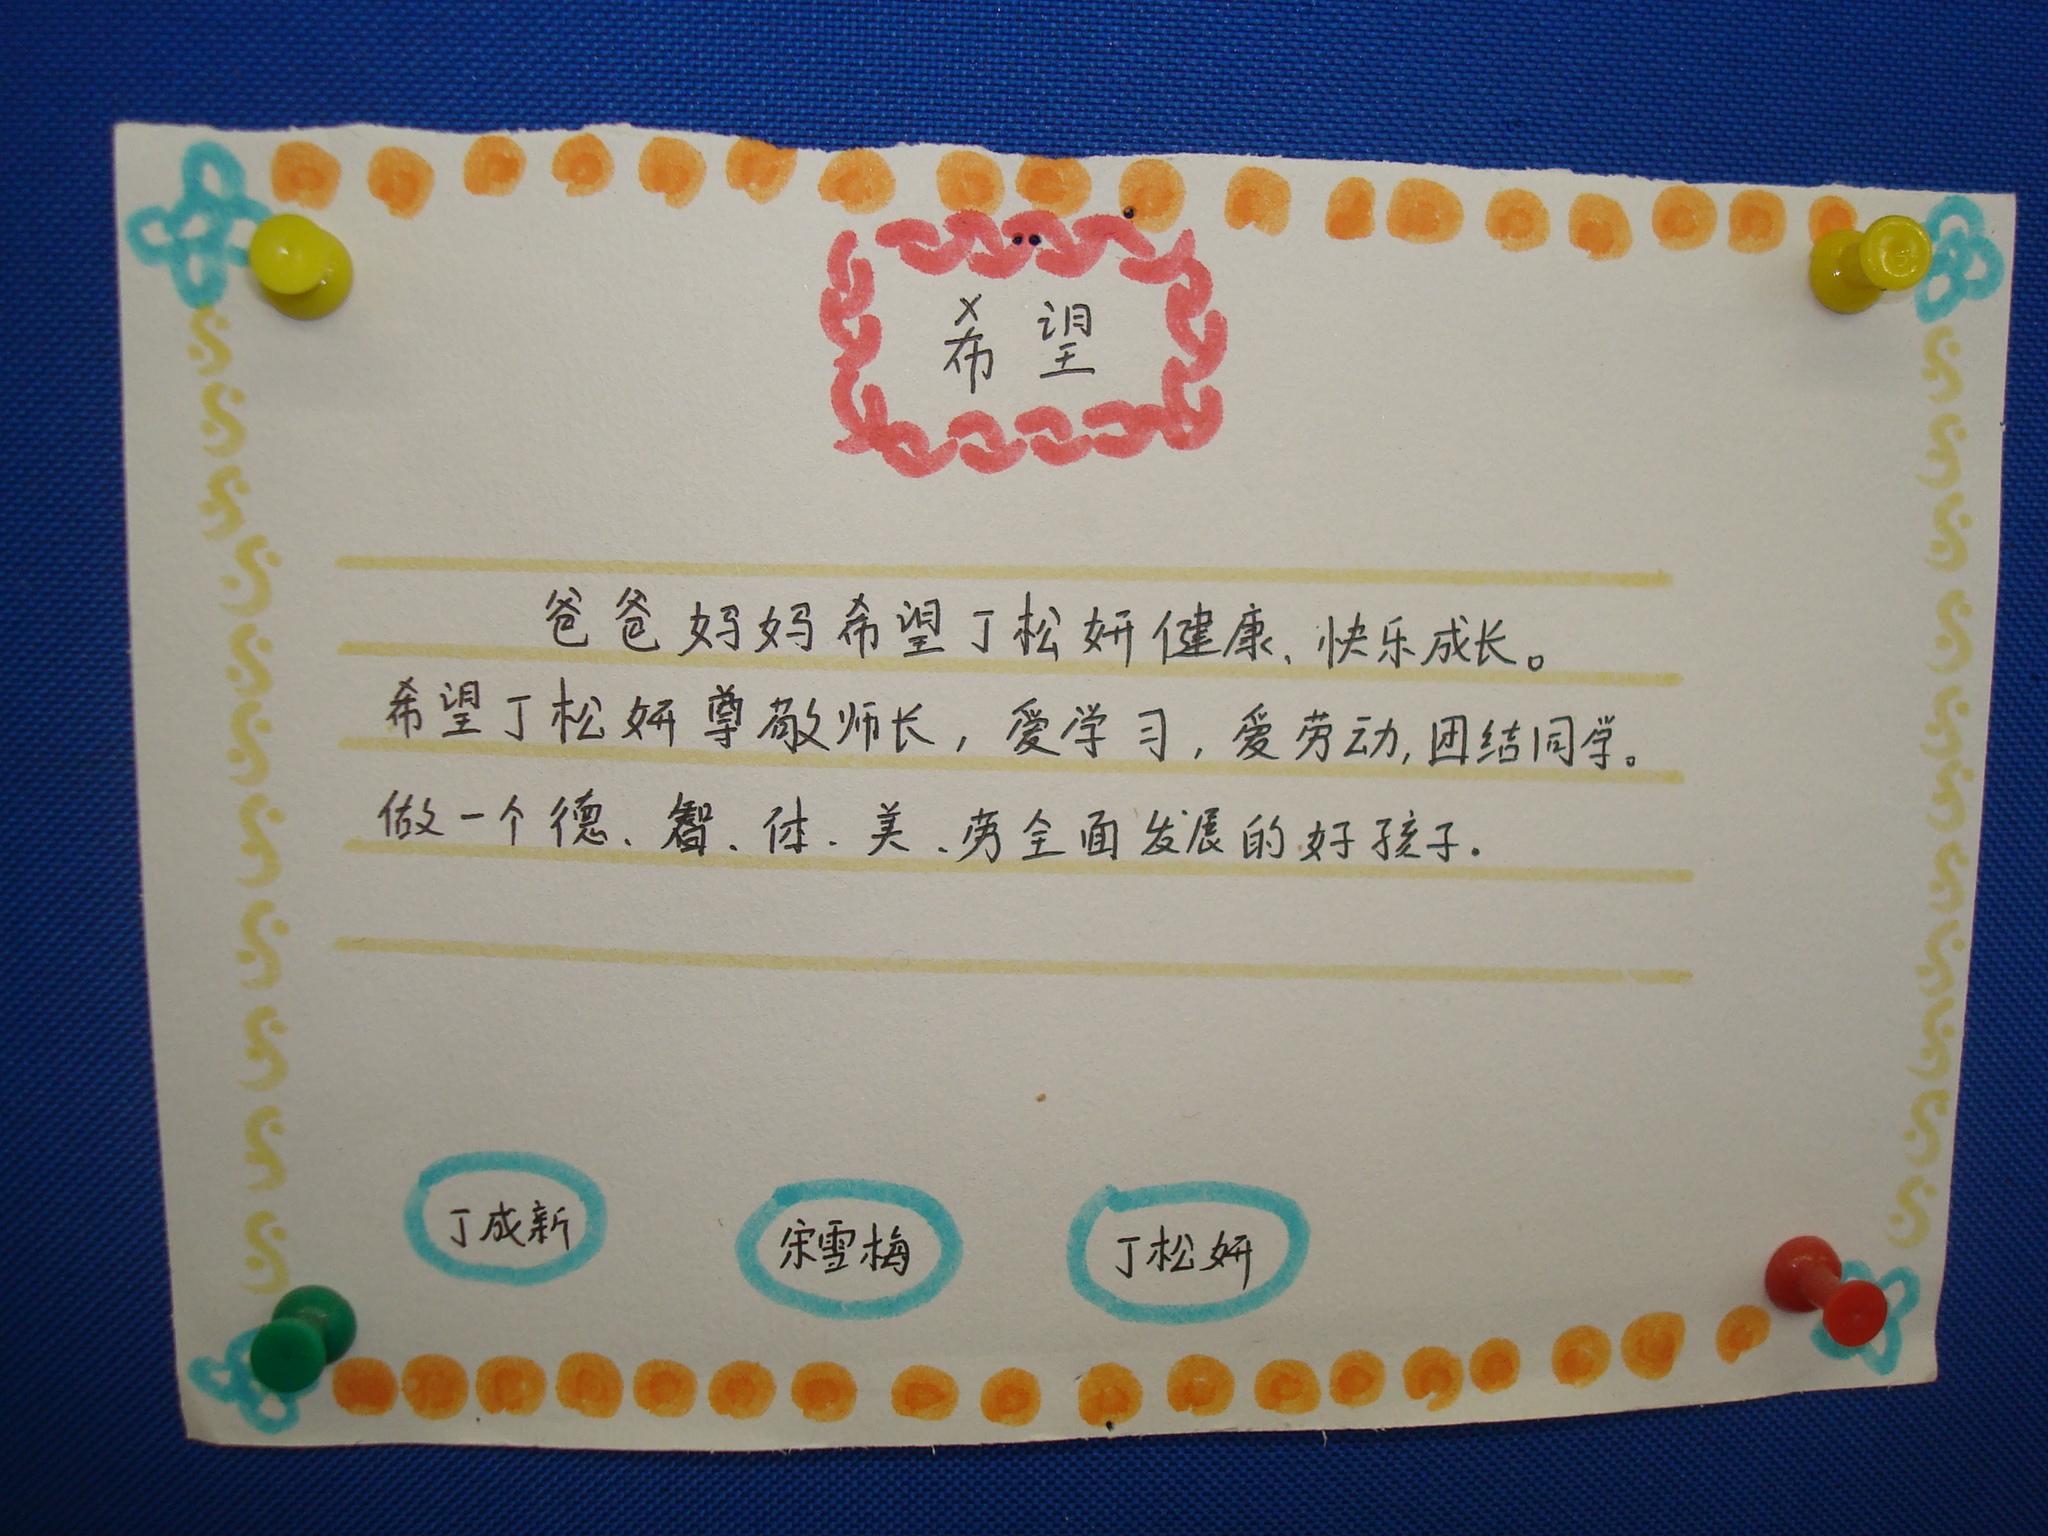 家长寄语+-+内容+-+东安三村小学网站图片